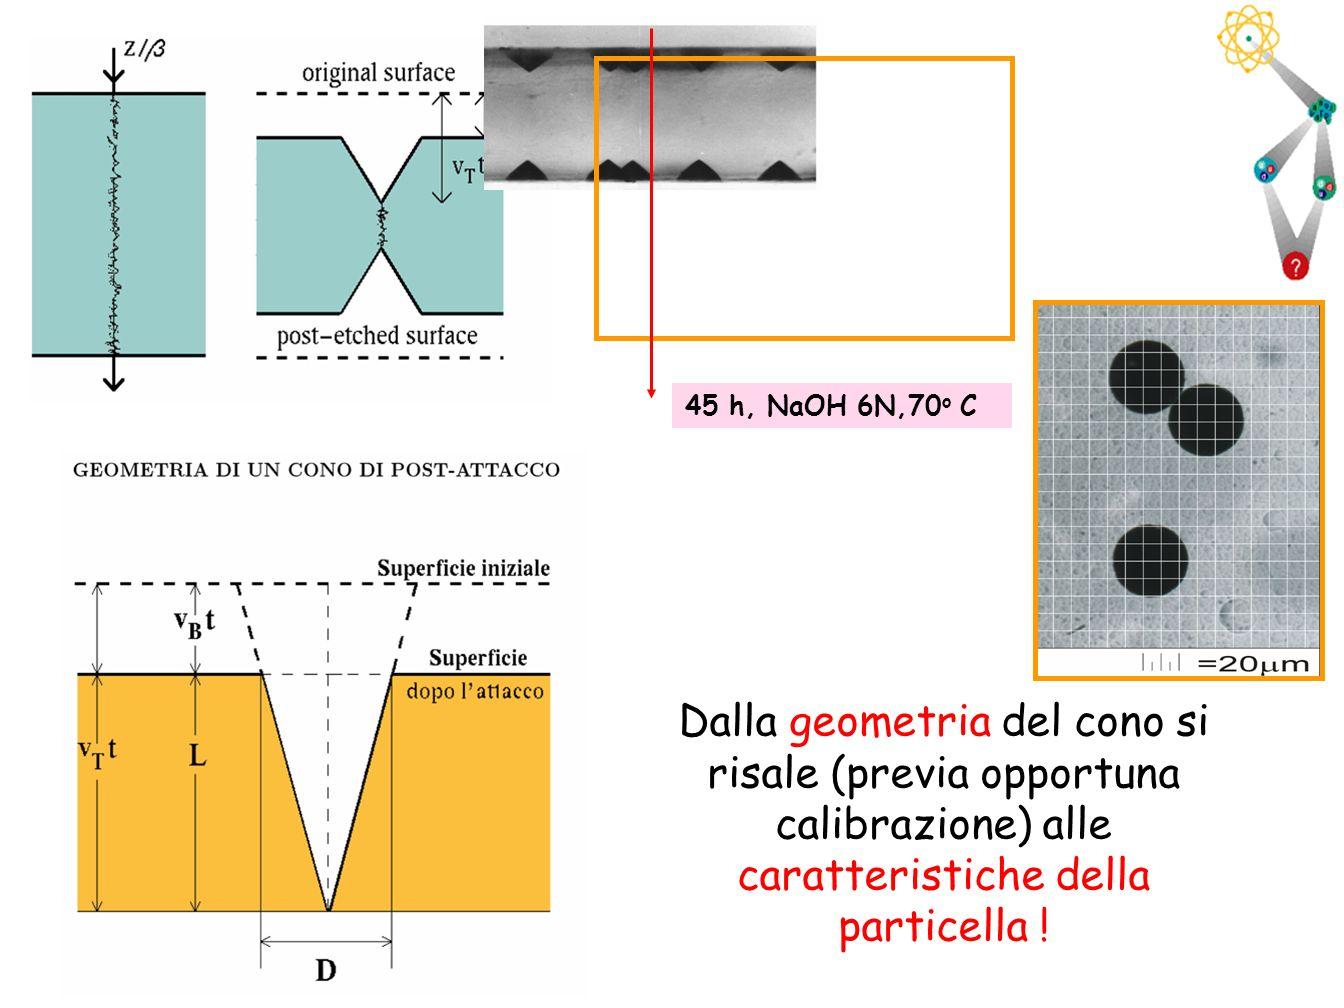 45 45 h, NaOH 6N,70 o C Dalla geometria del cono si risale (previa opportuna calibrazione) alle caratteristiche della particella !